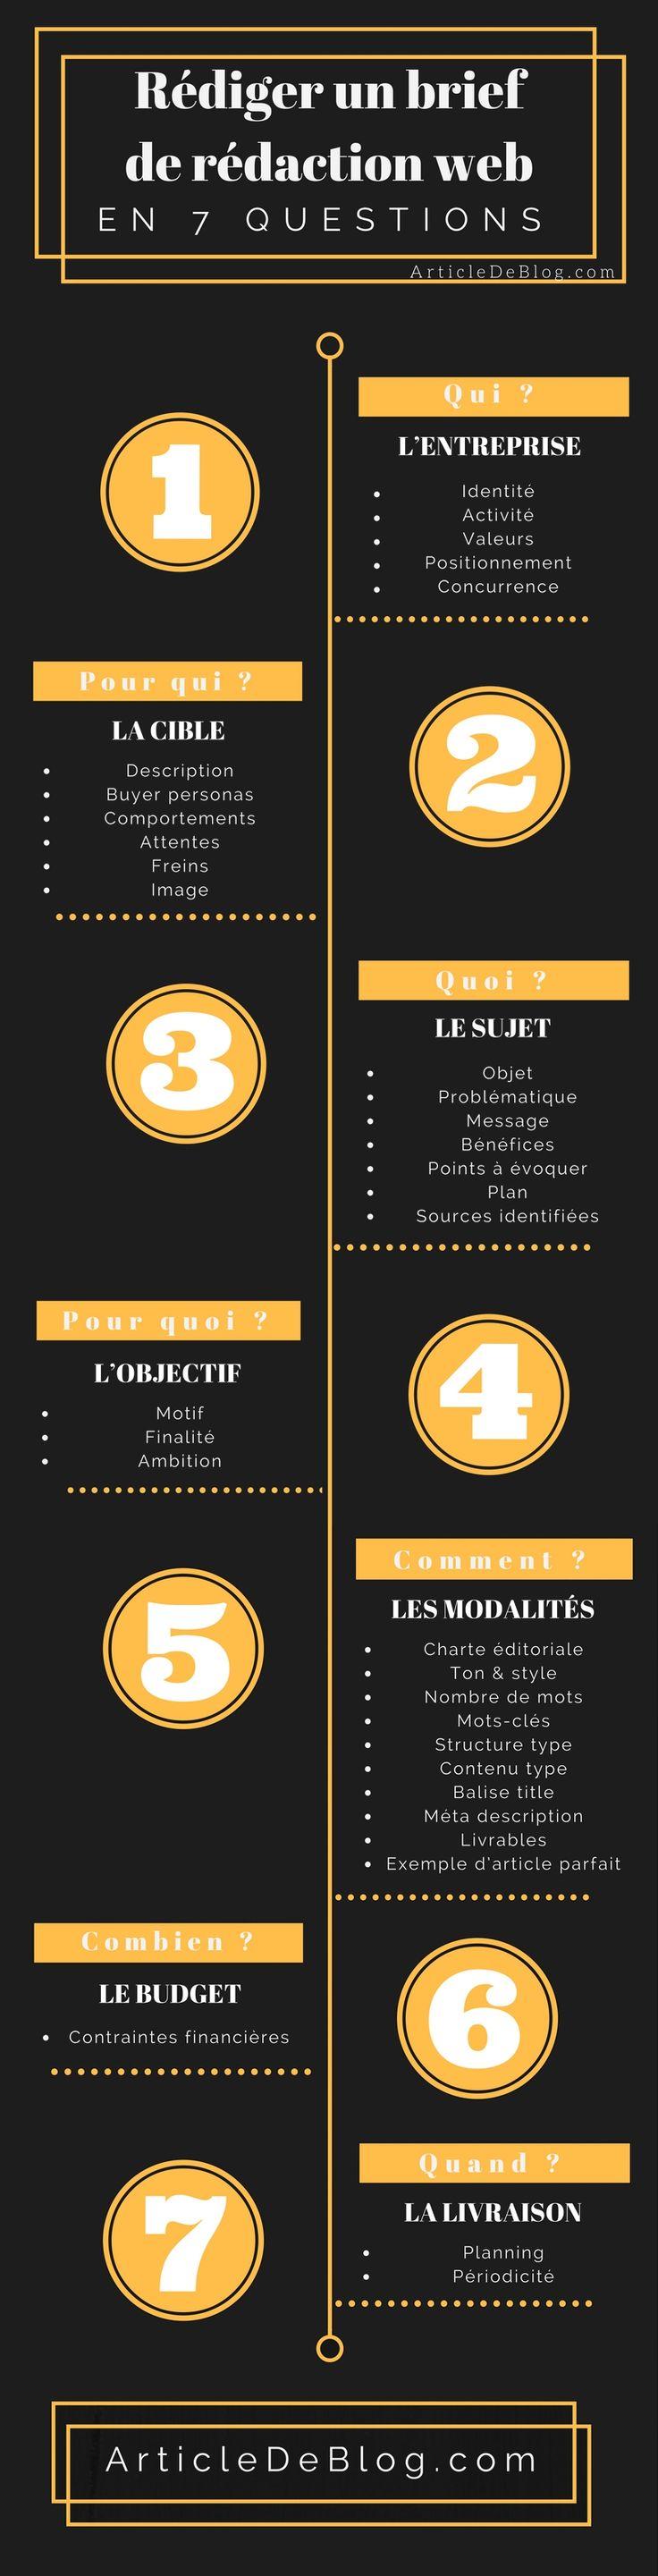 Le brief pour un rédacteur web en 7 questions centrales ! #ContentMarketing